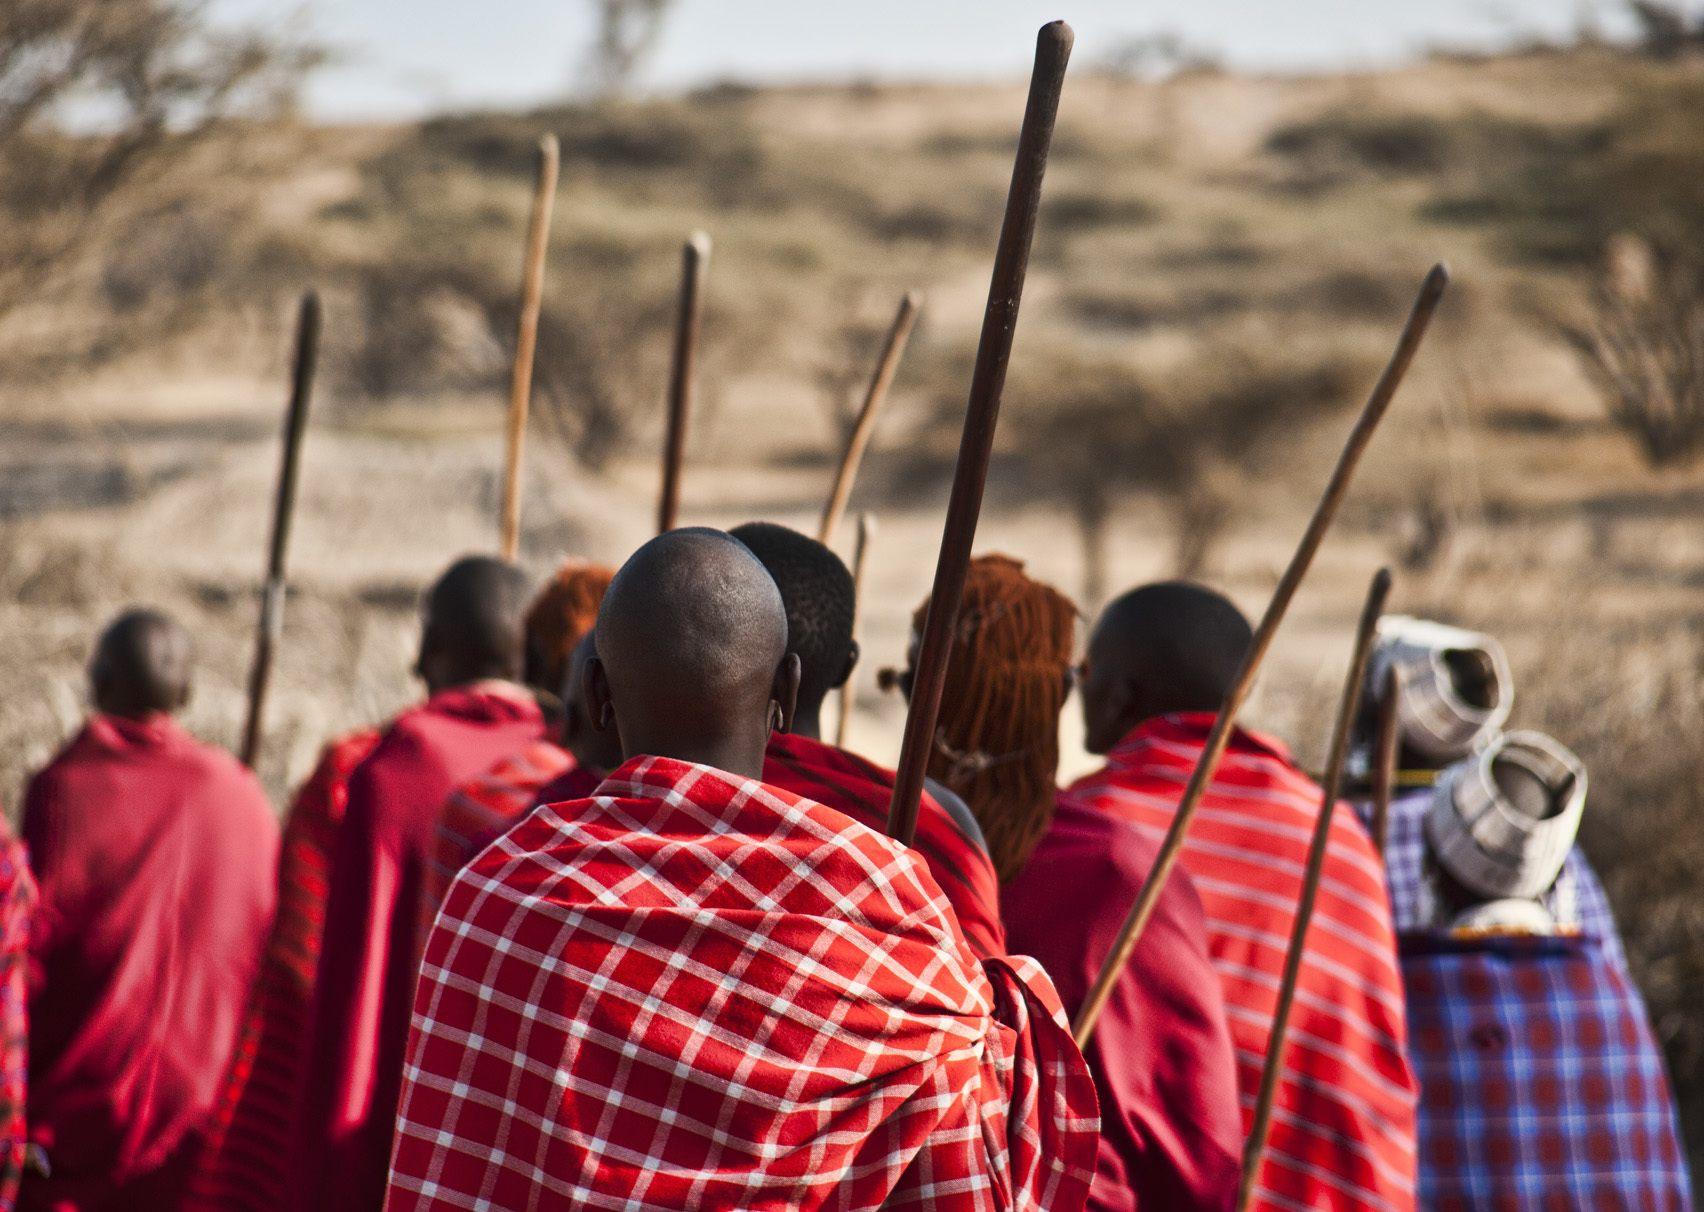 The Maasai tribe in Tanzania.